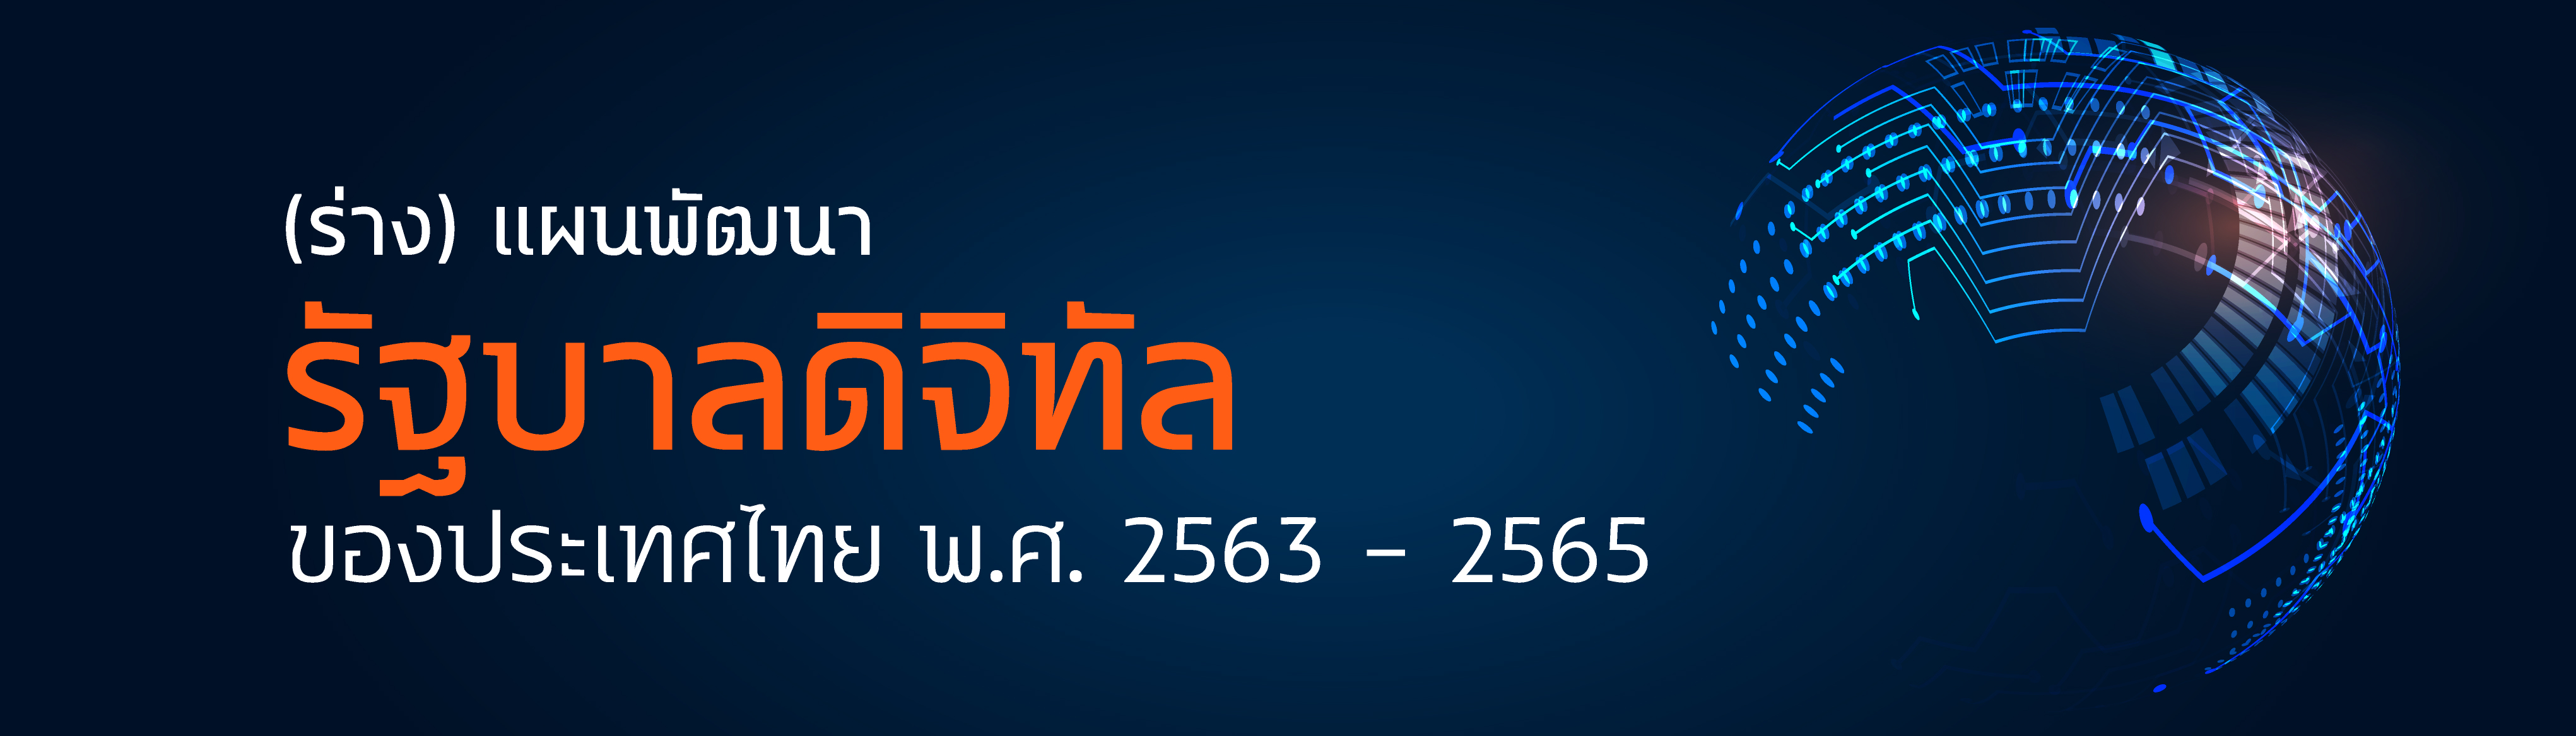 (ร่าง) แผนพัฒนารัฐบาลดิจิทัล ของประเทศไทย พ.ศ. 2563 -2565